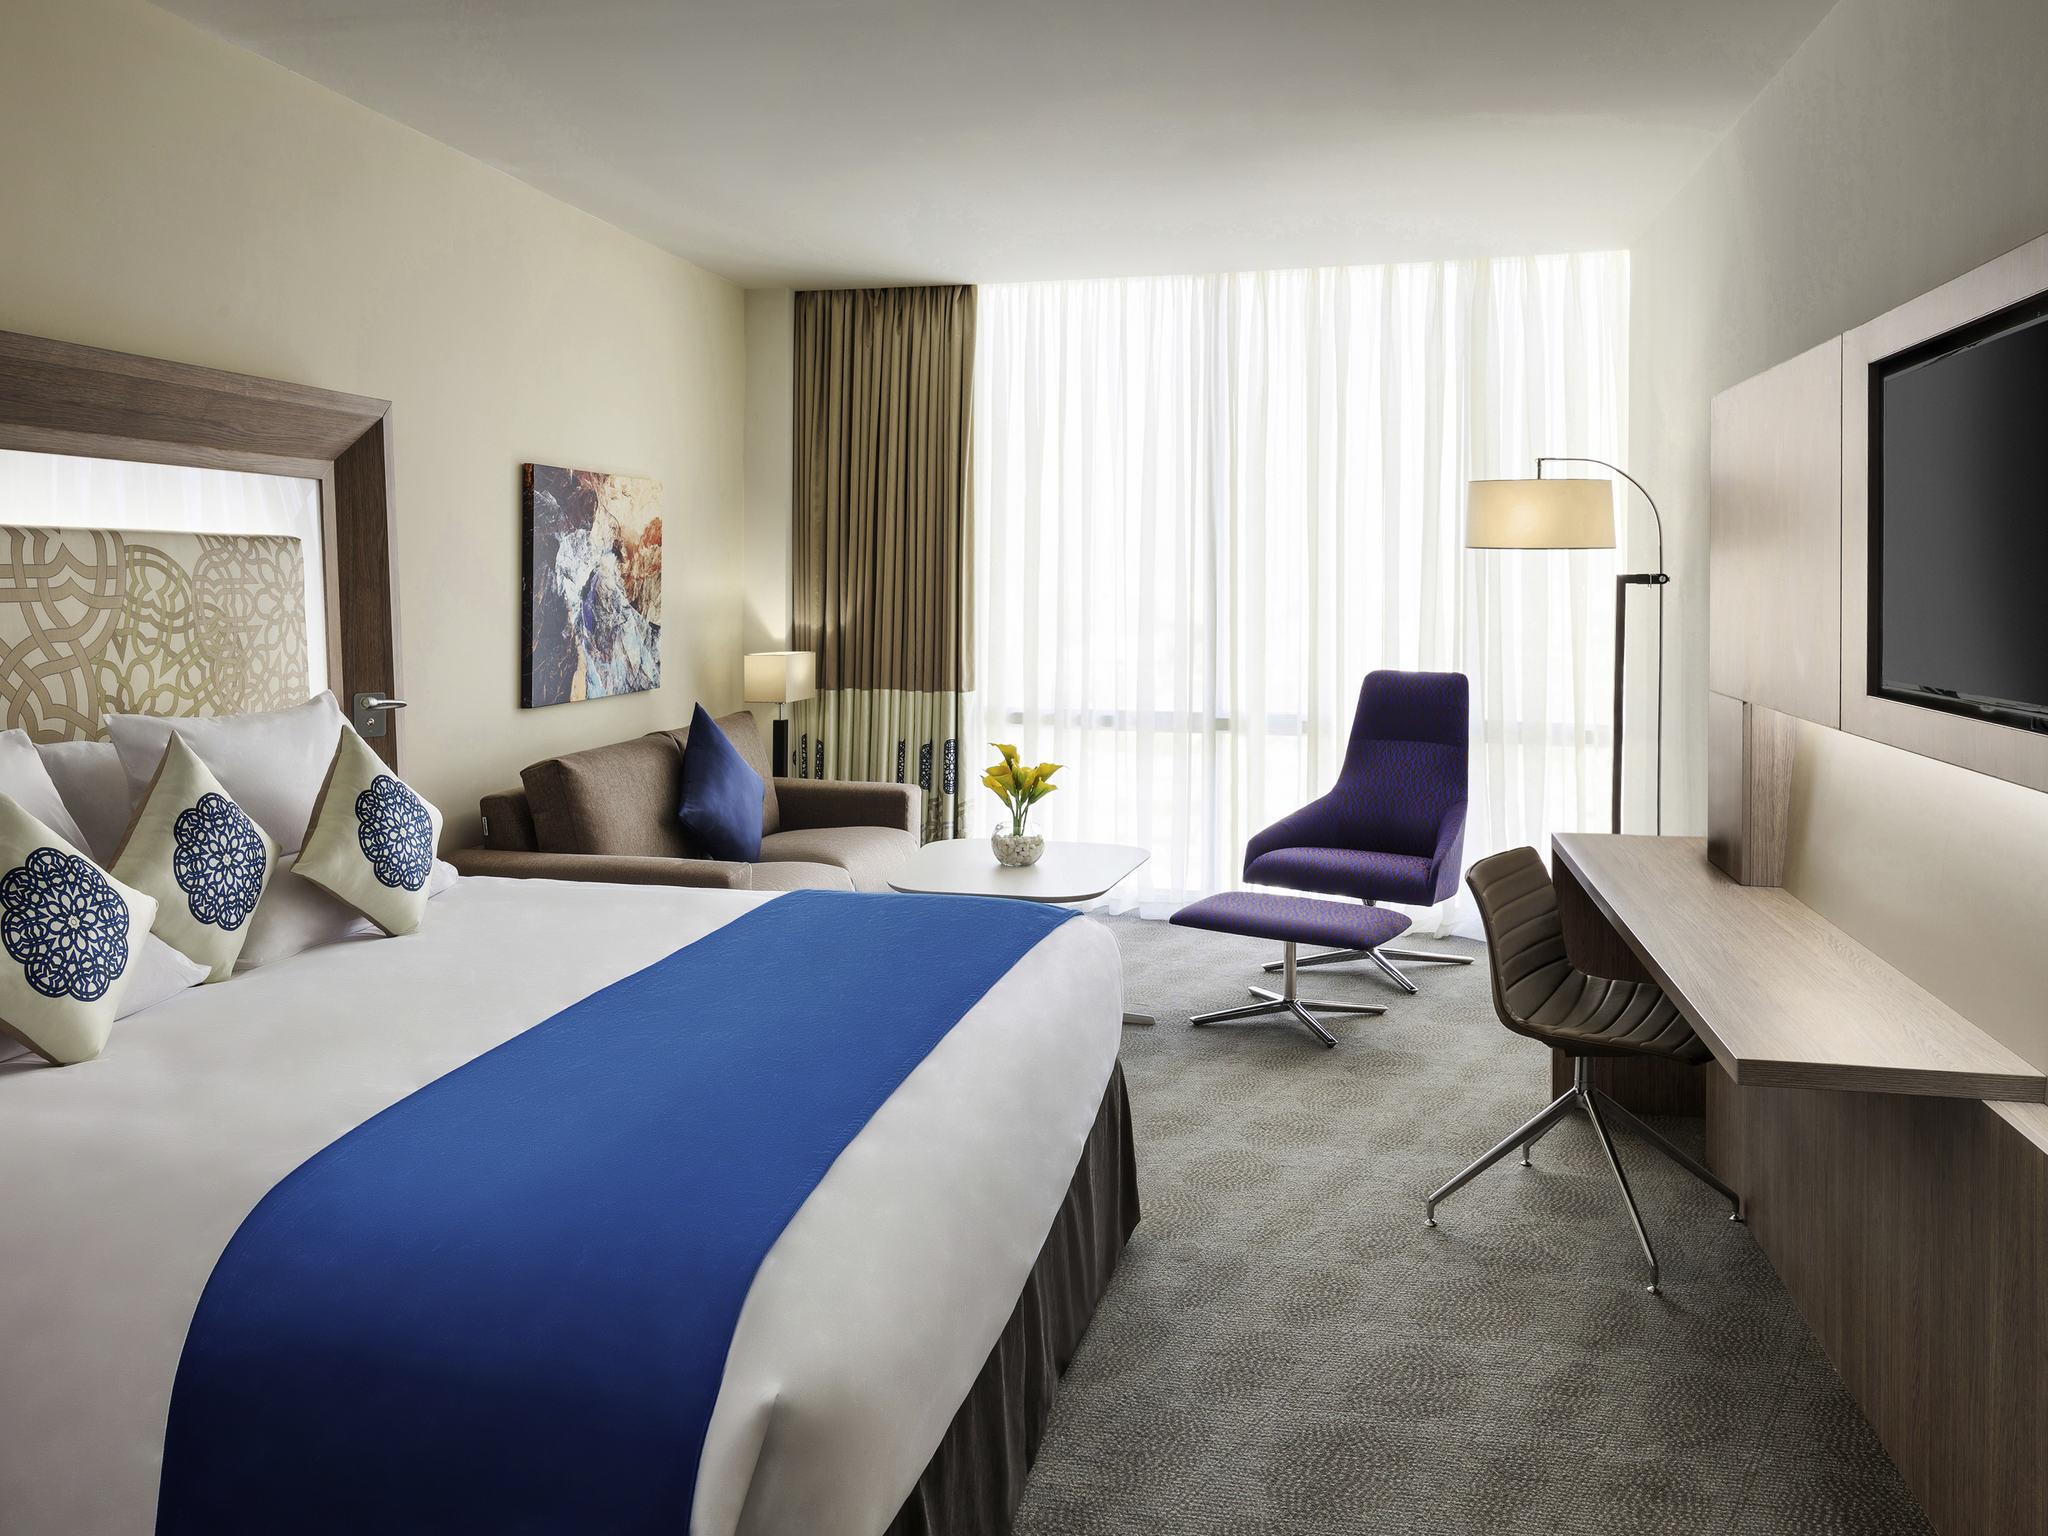 فندق - نوفوتيل Novotel جدة شارع التحلية